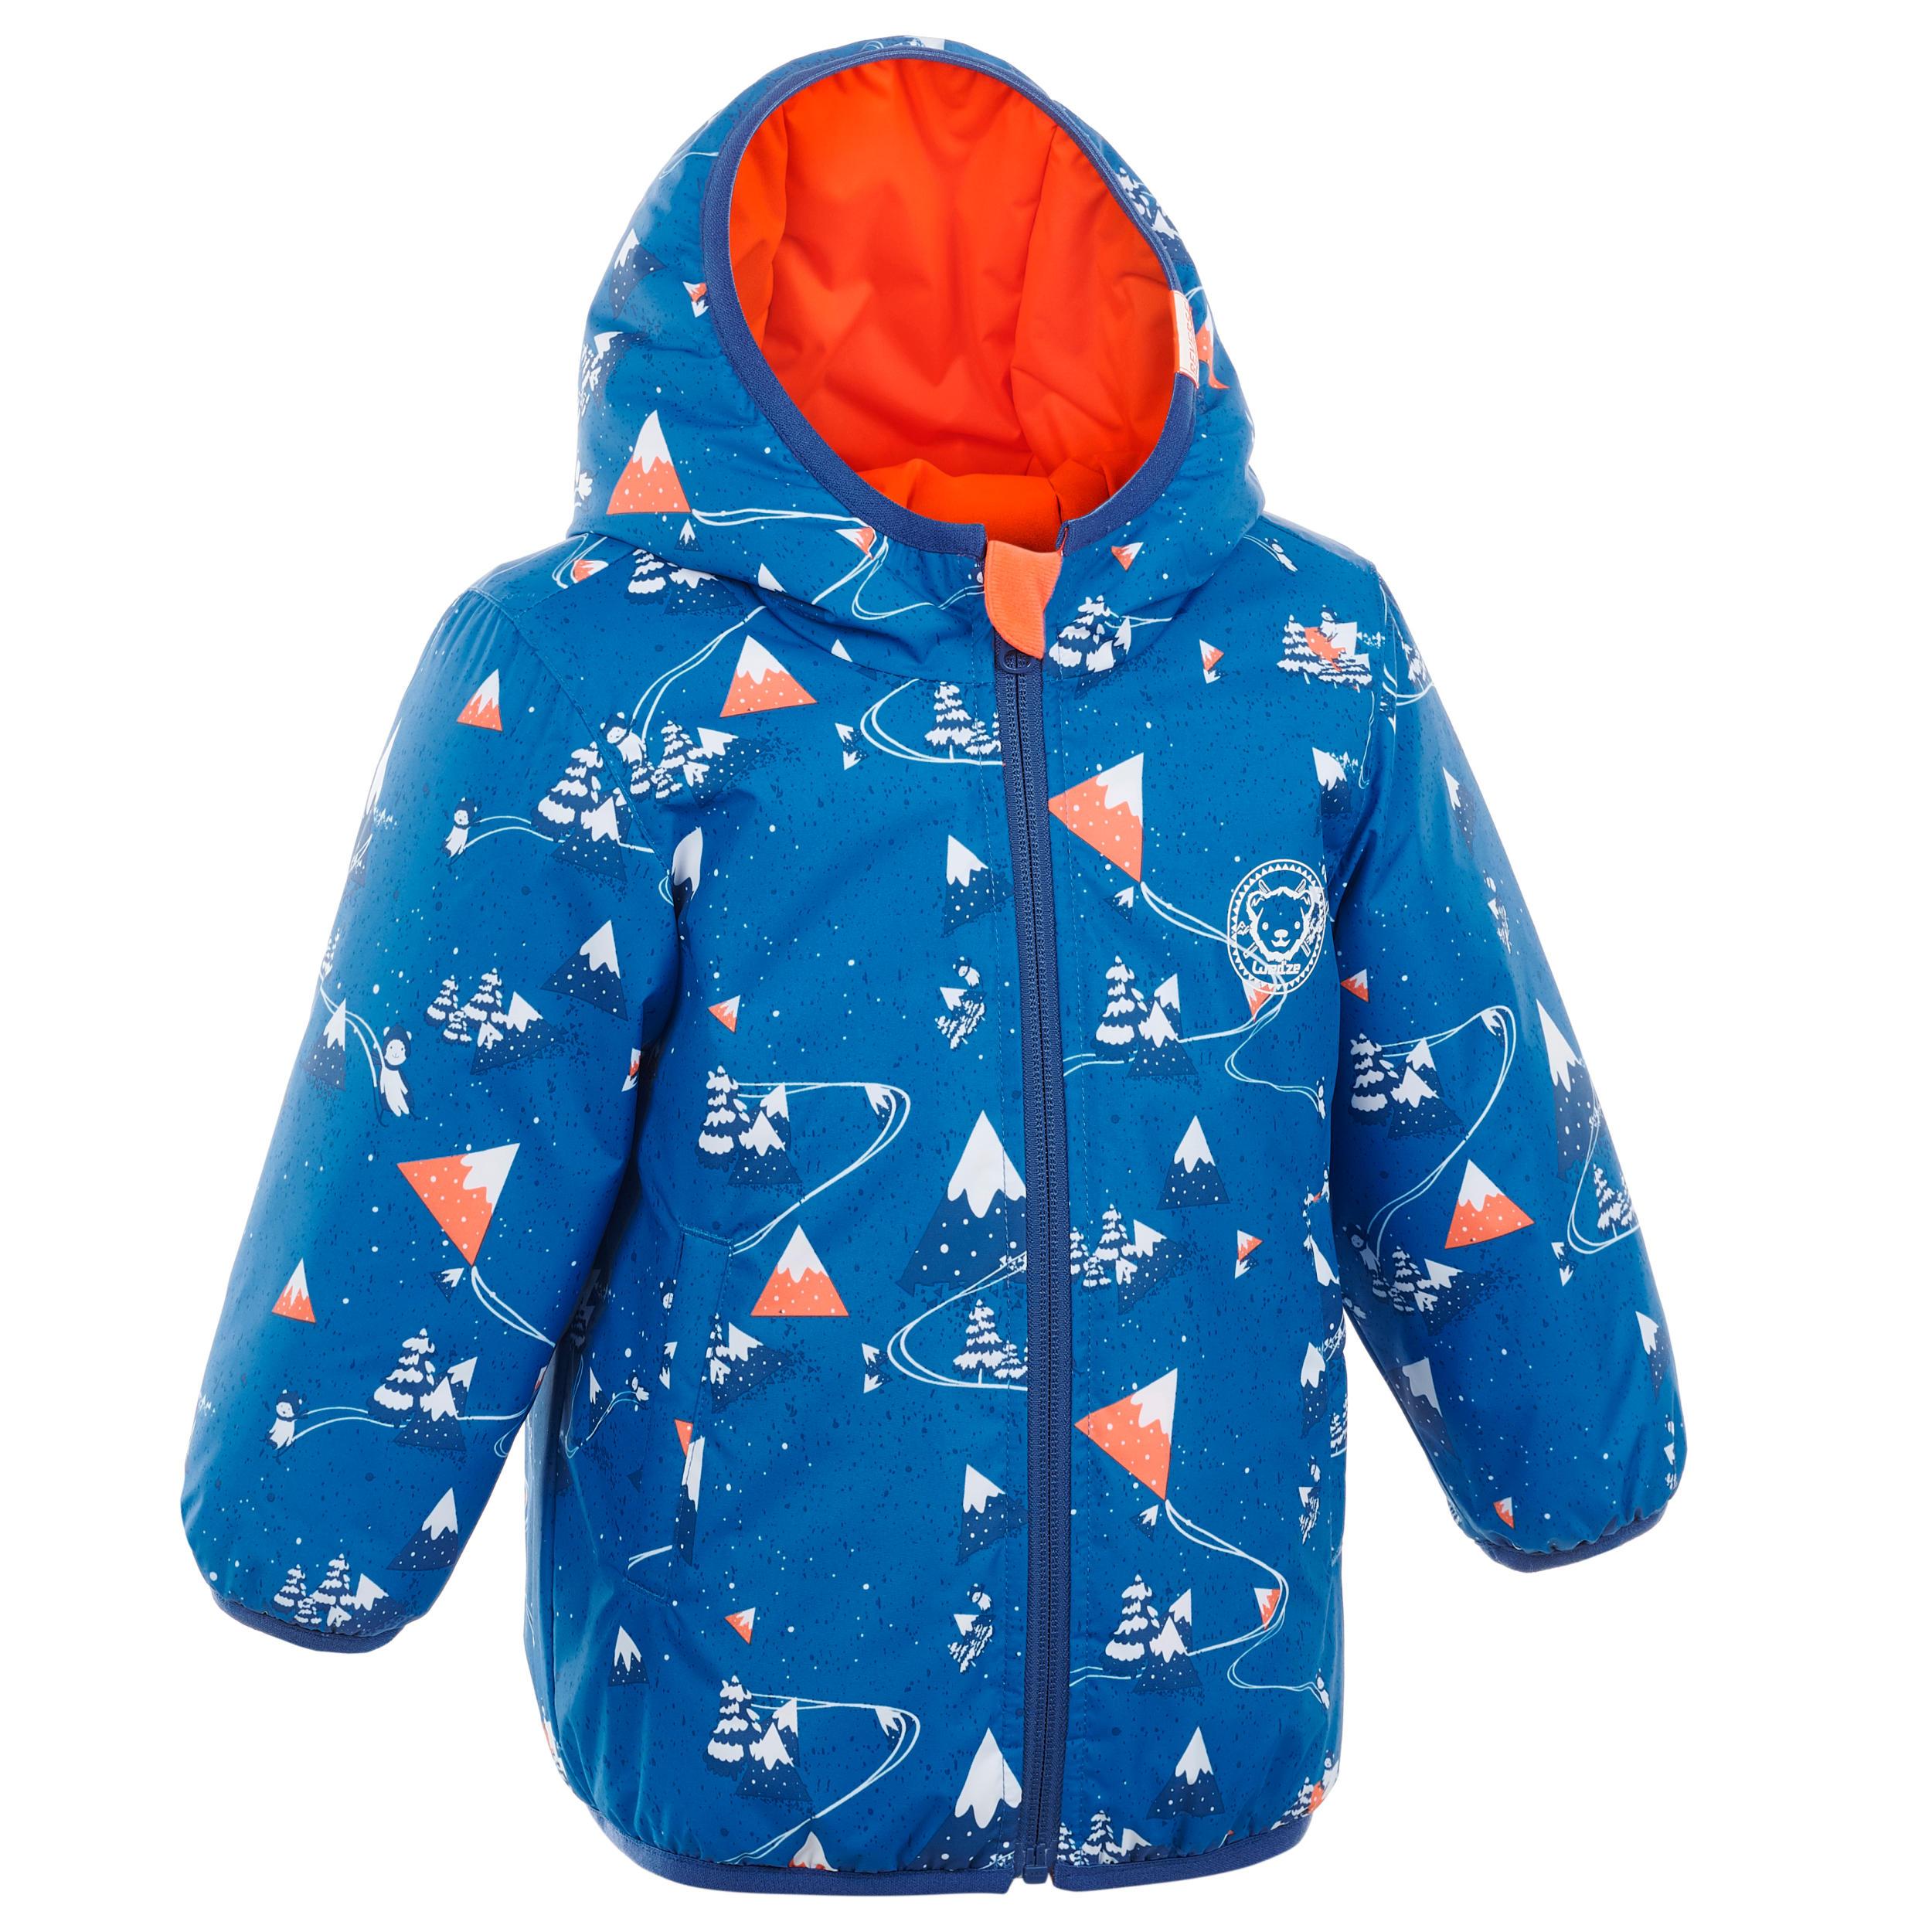 Geacă săniuș/schi WARM Copii imagine